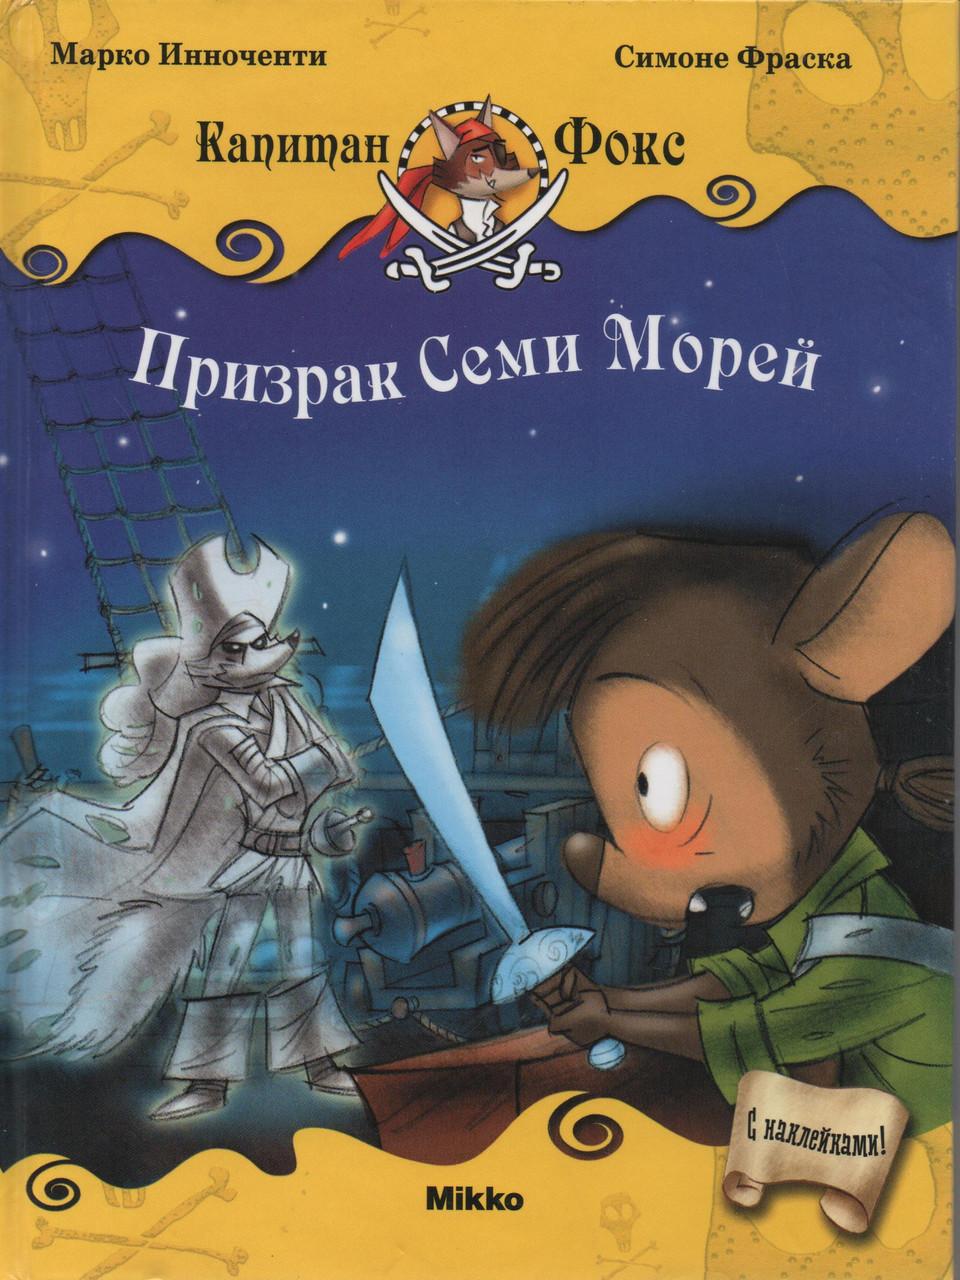 Призрак Семи Морей (книга-2). Марко Инноченти, Симоне Фраска